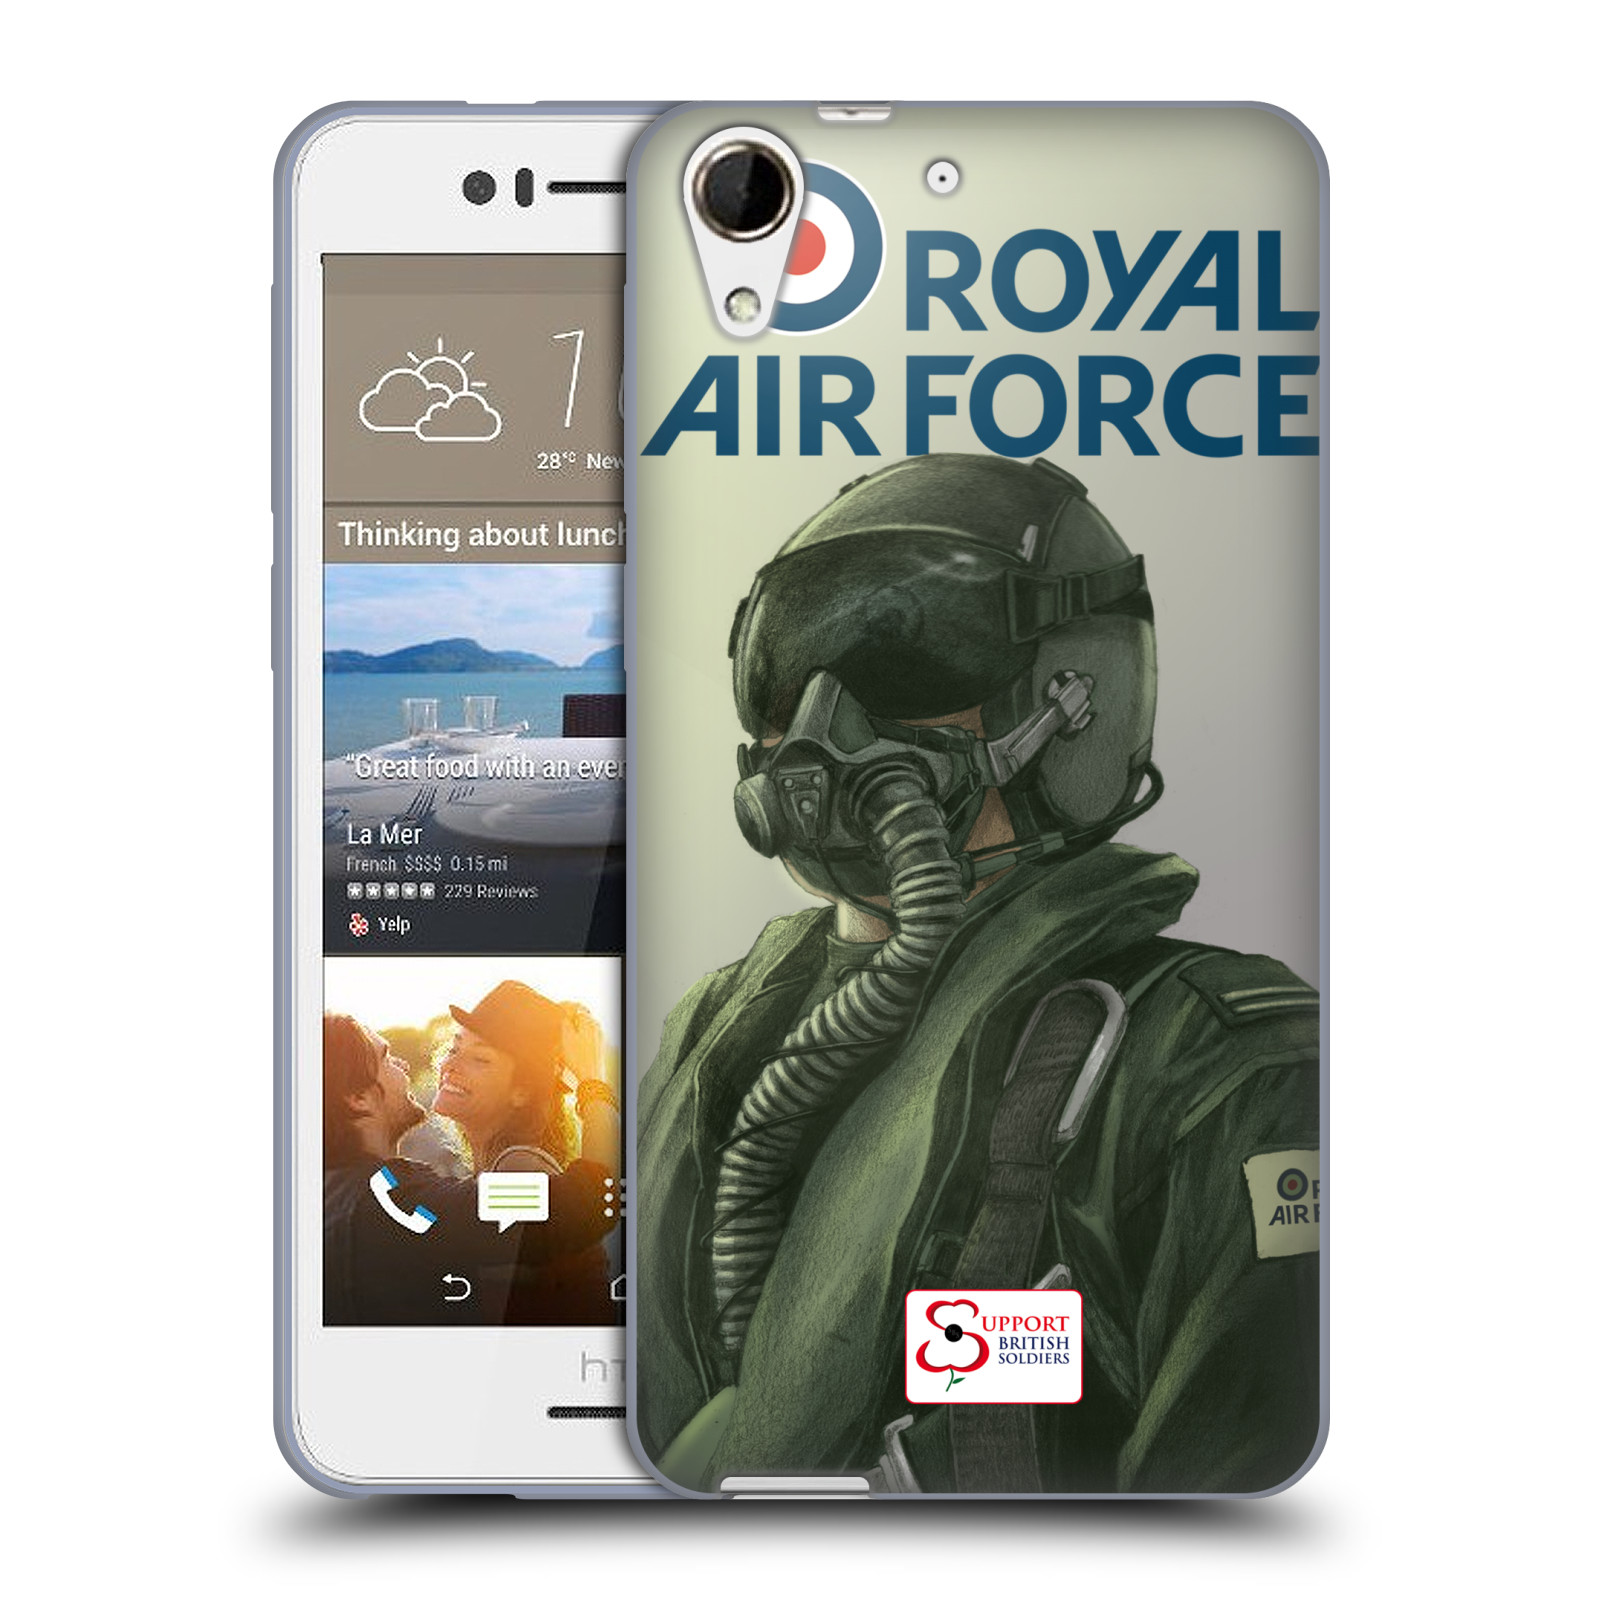 Silikonové pouzdro na mobil HTC Desire 728G Dual SIM HEAD CASE Royal Air Force (Silikonový kryt či obal na mobilní telefon HTC Desire 728 G Dual SIM)